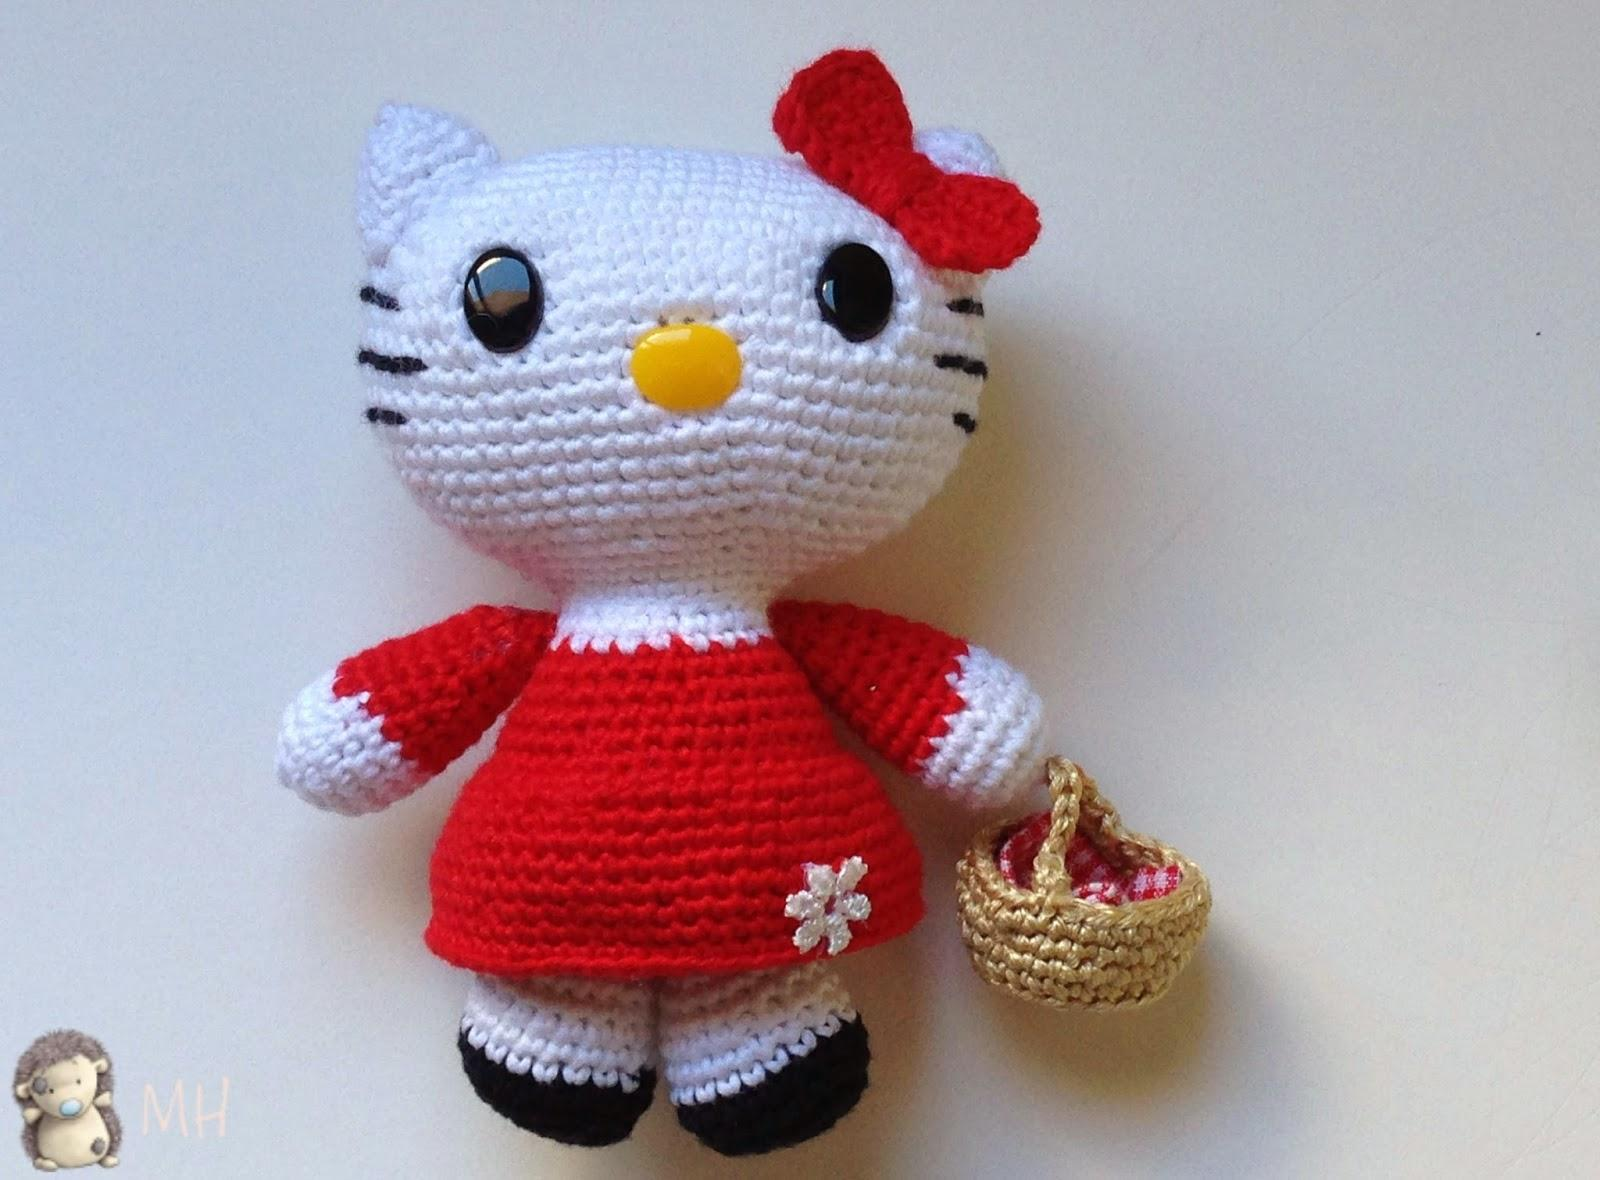 Amigurumi Kitty Patron : Butterfly Creaciones: Ello gatito Caperucita Roja ...